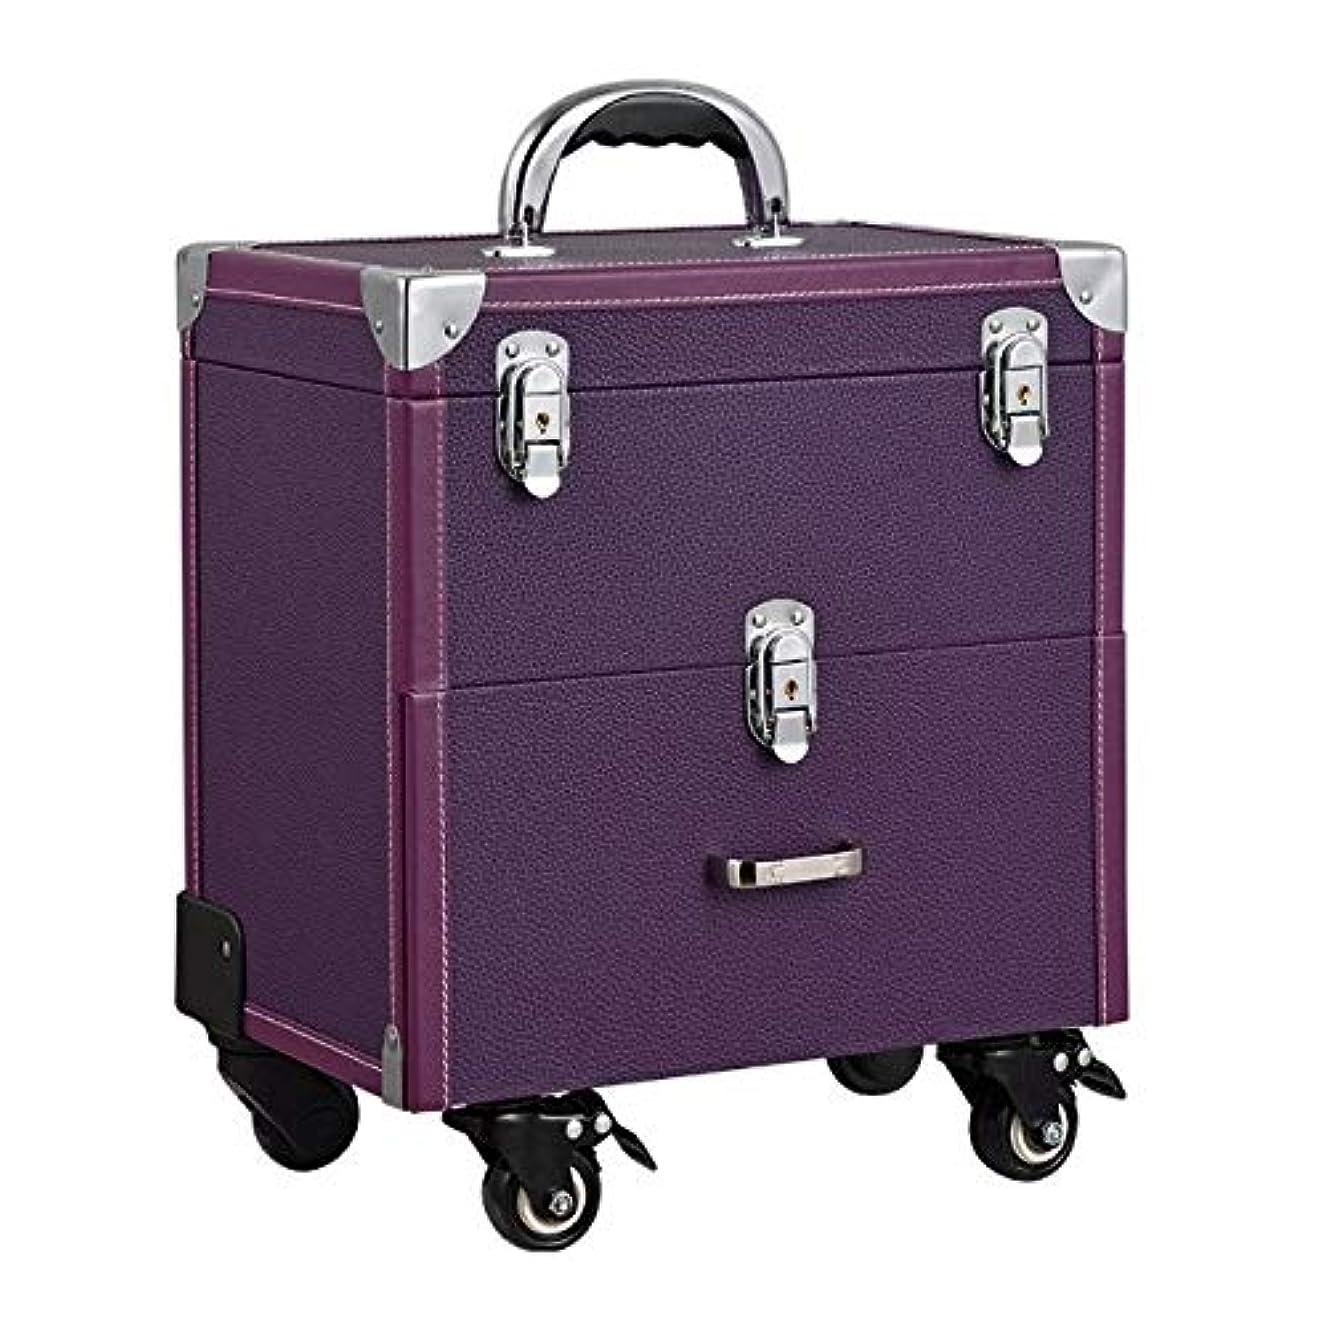 バトル飾る見込み化粧箱、大容量ダブルポール化粧品ケース、ポータブル旅行化粧品袋収納袋、美容化粧ネイルジュエリー収納ボックス (Color : Purple)